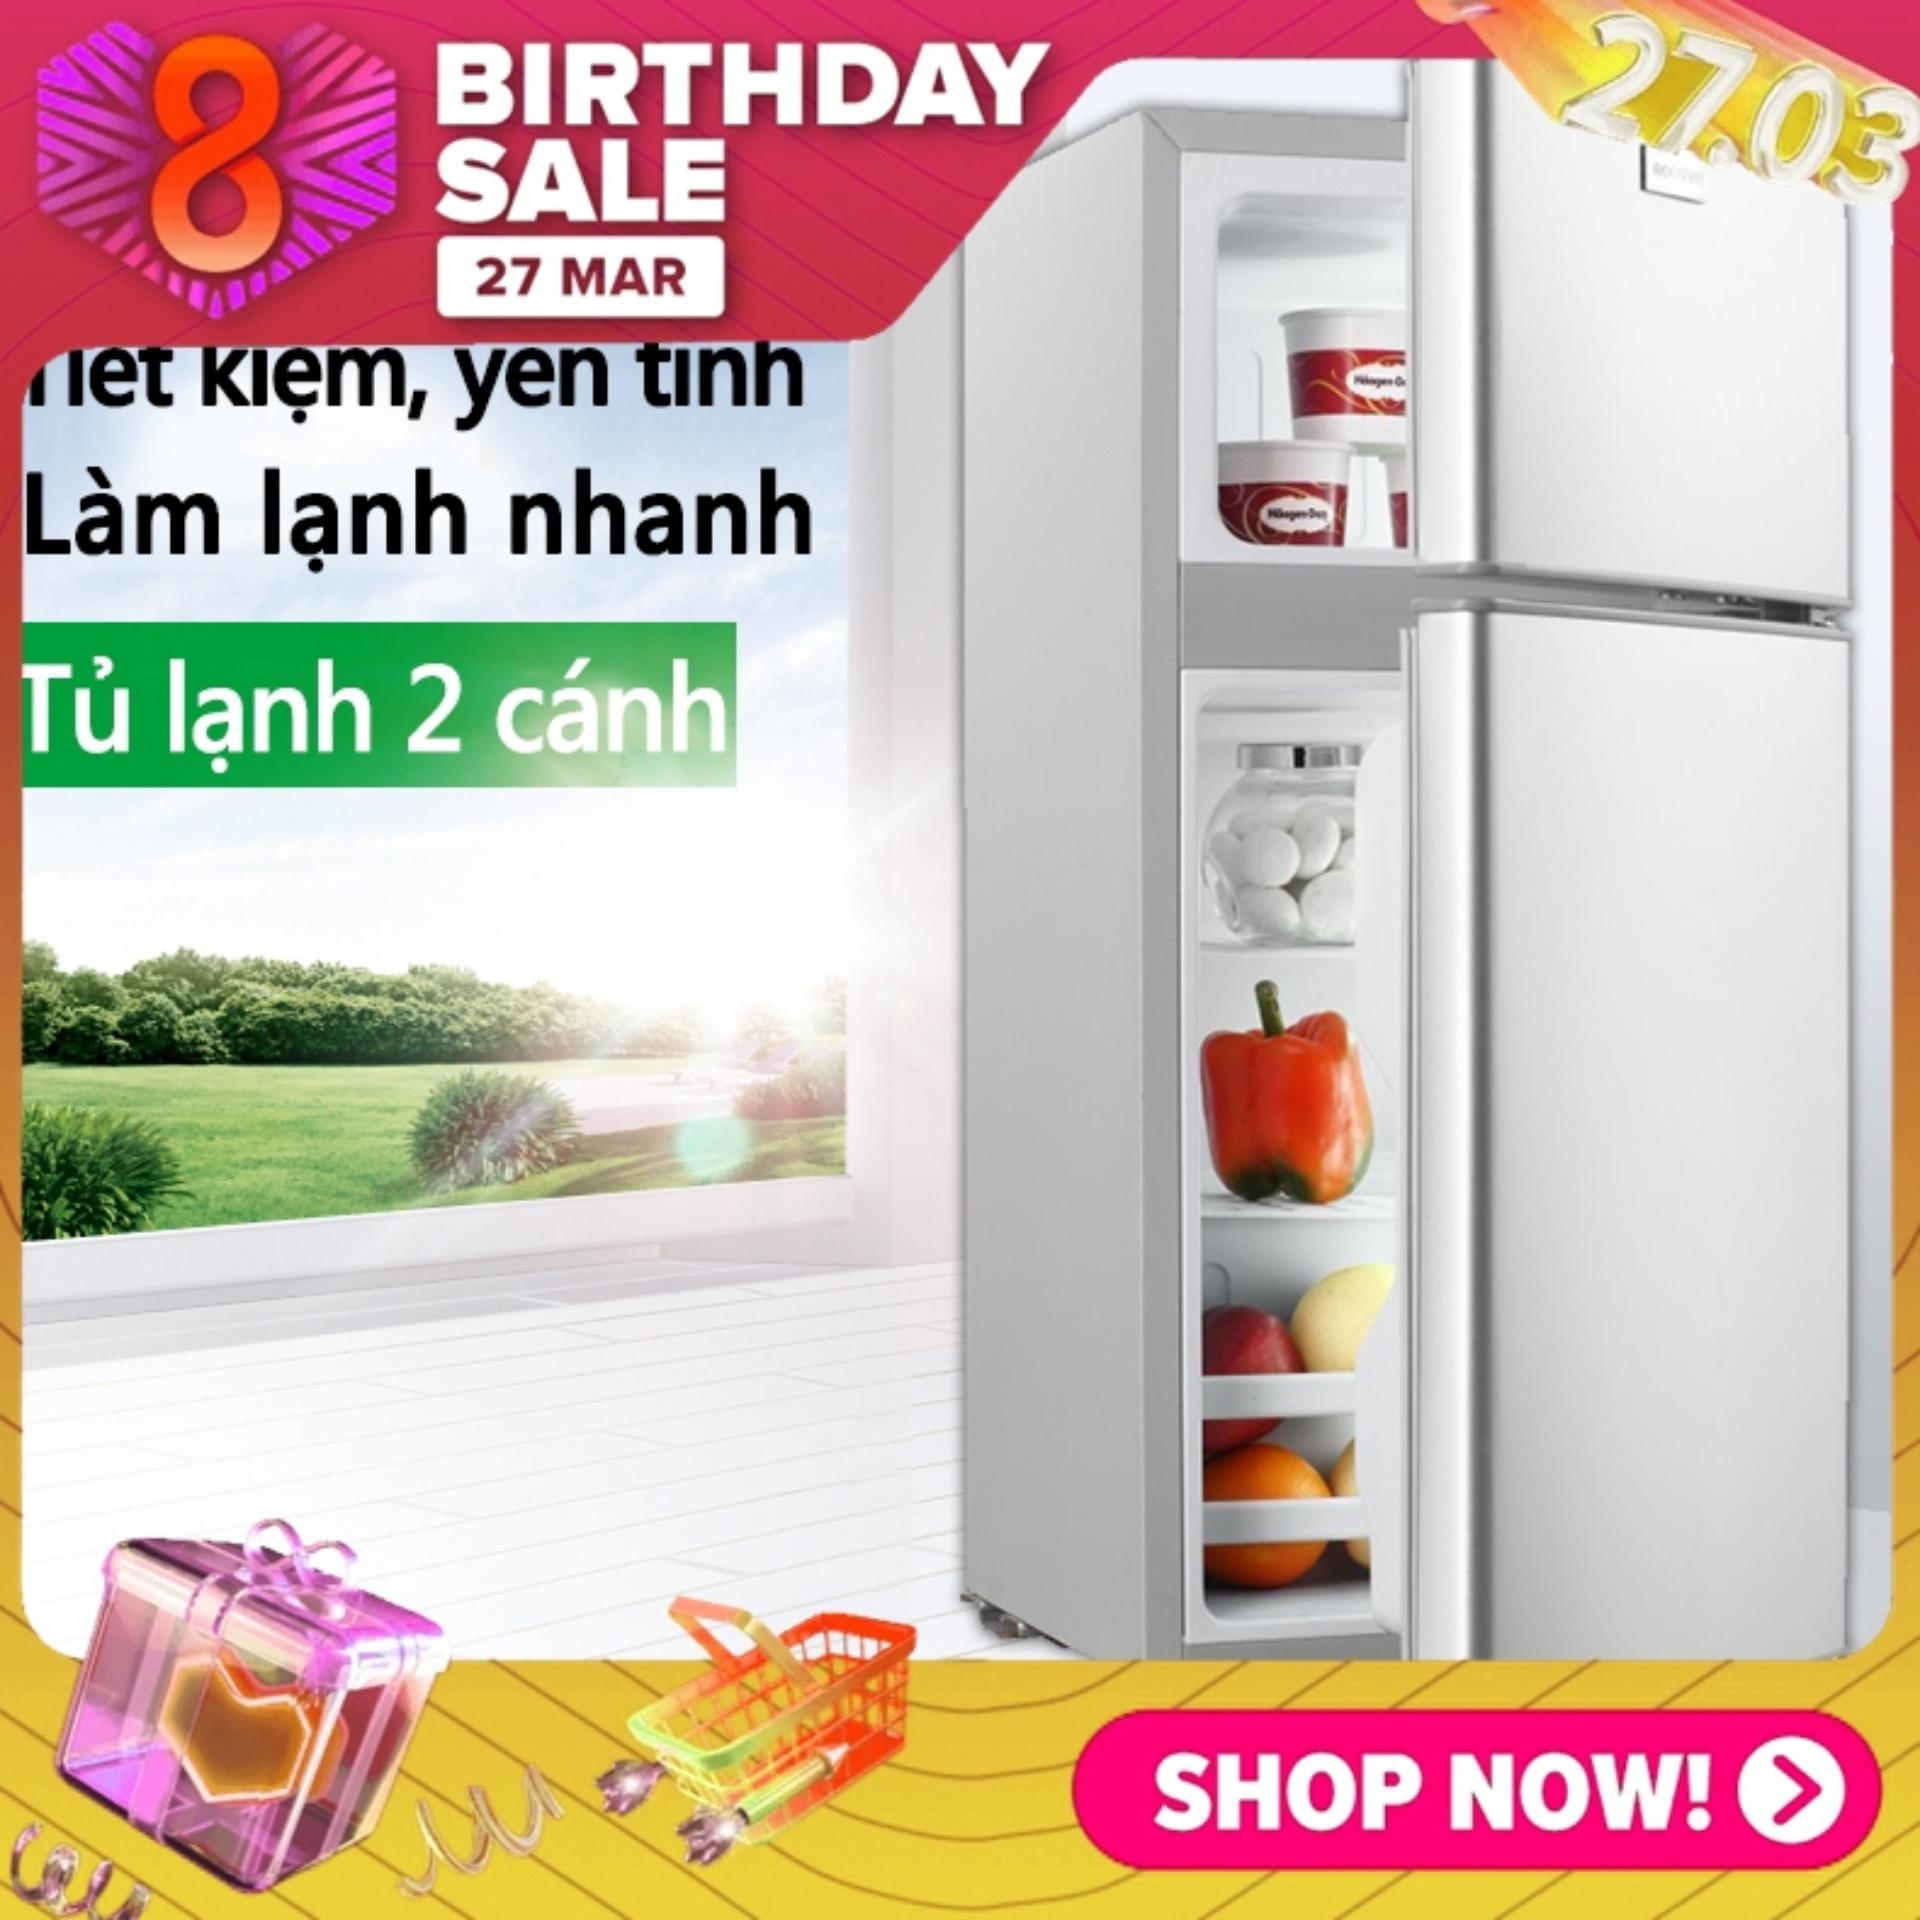 Tủ lạnh 2 ngăn 118 lít thương hiệu ZHIGAO làm lạnh nhanh ngăn đá và ngăn lạnh giữ đồ luôn tươi mới